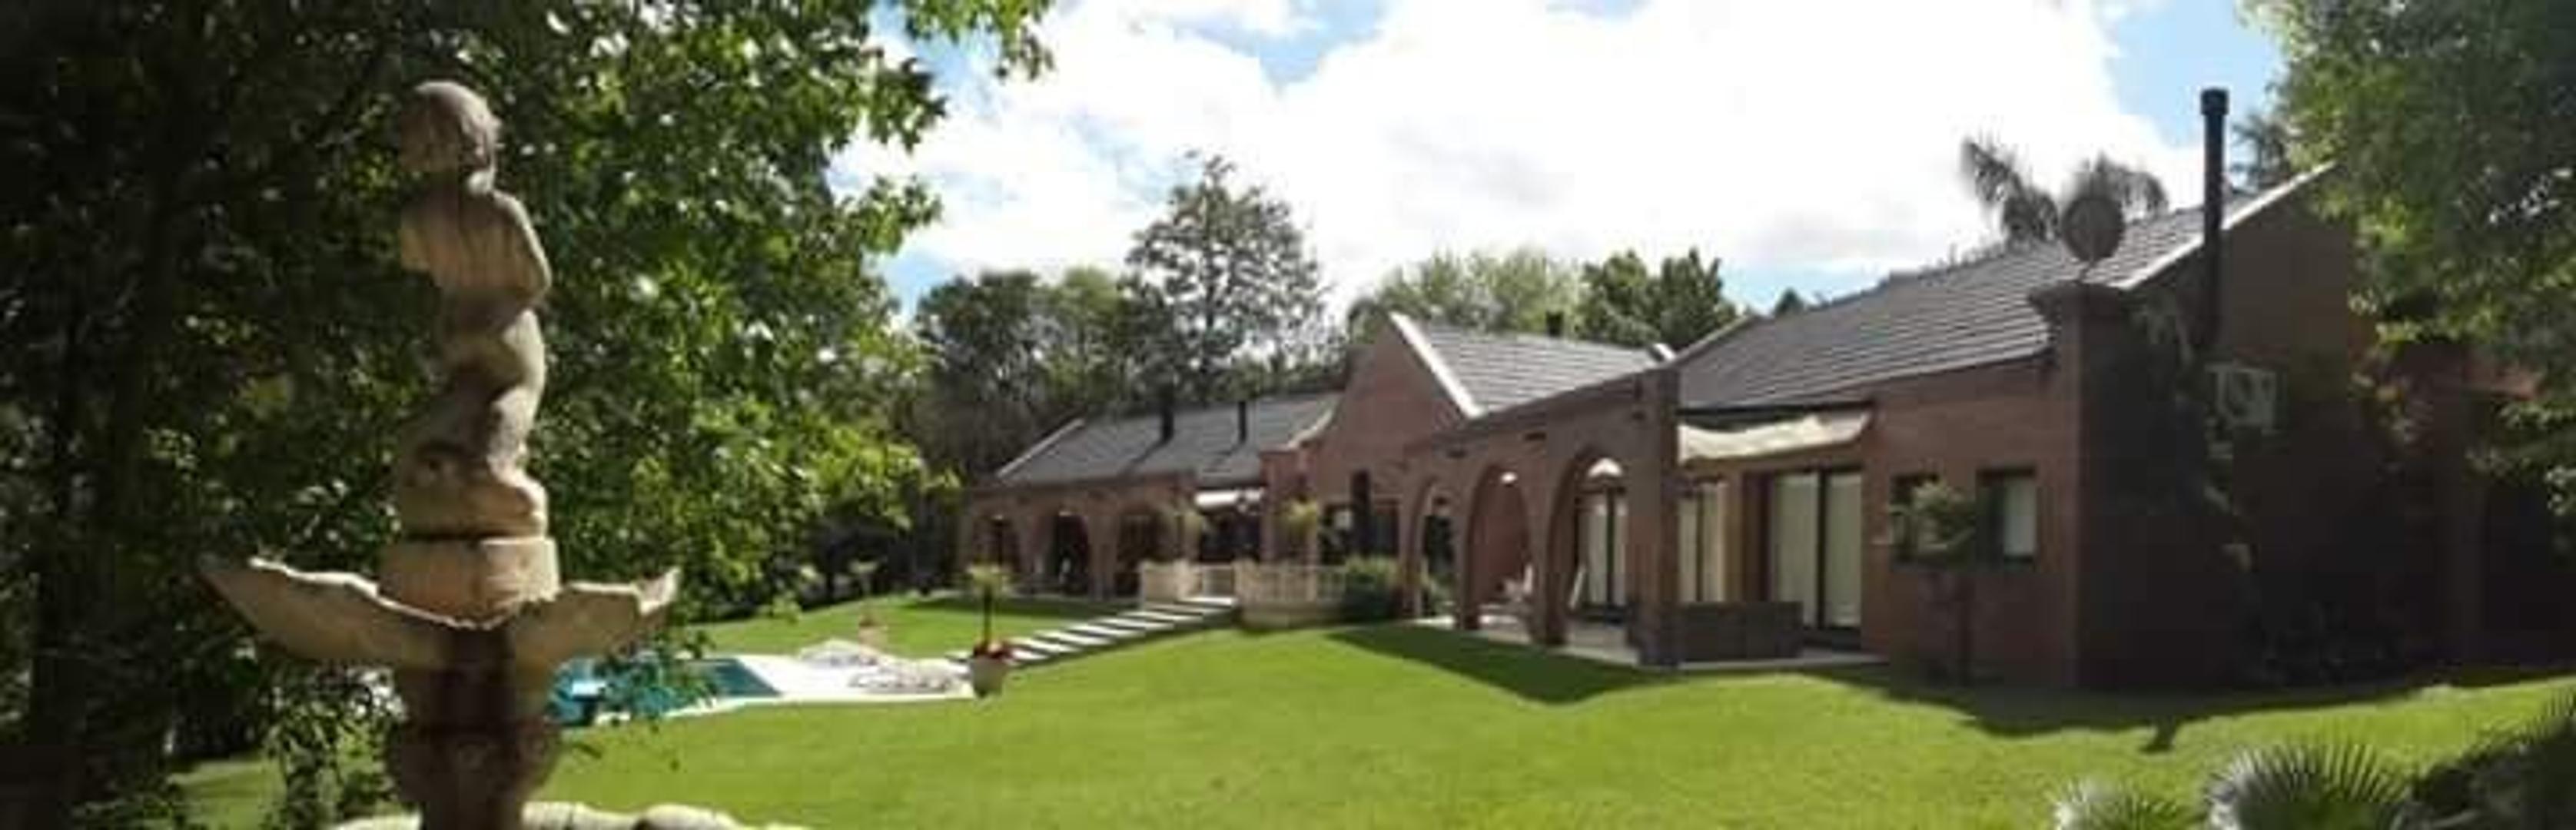 Casa en venta Pilar Imponente residencia ÚNICA por sus finos detalles de categoría